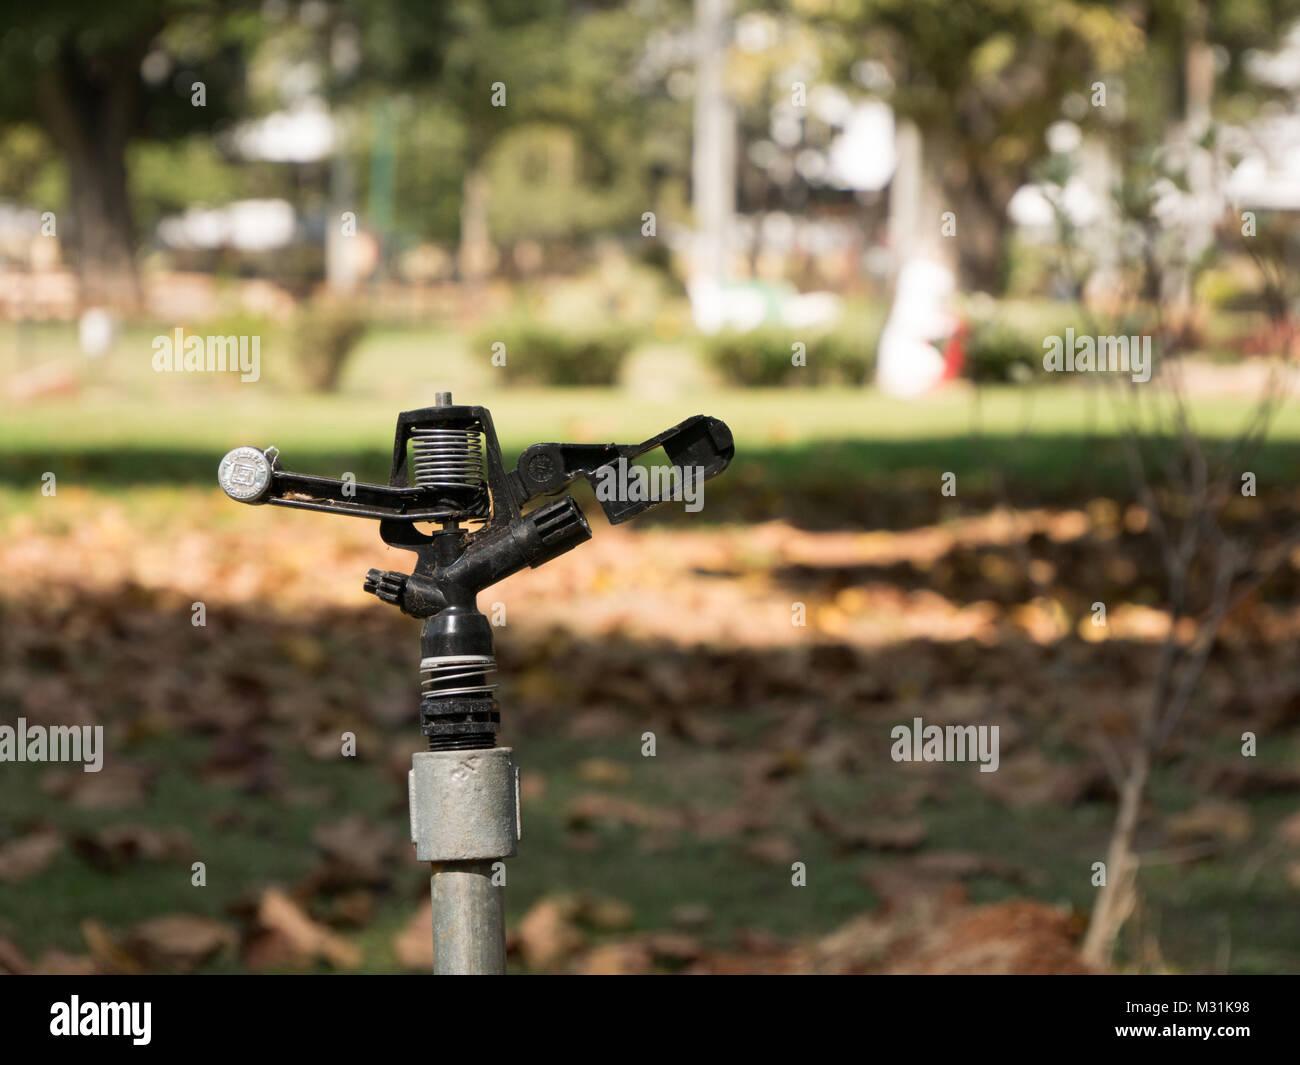 Garden Sprinkler in India Stock Photo: 173984756 - Alamy